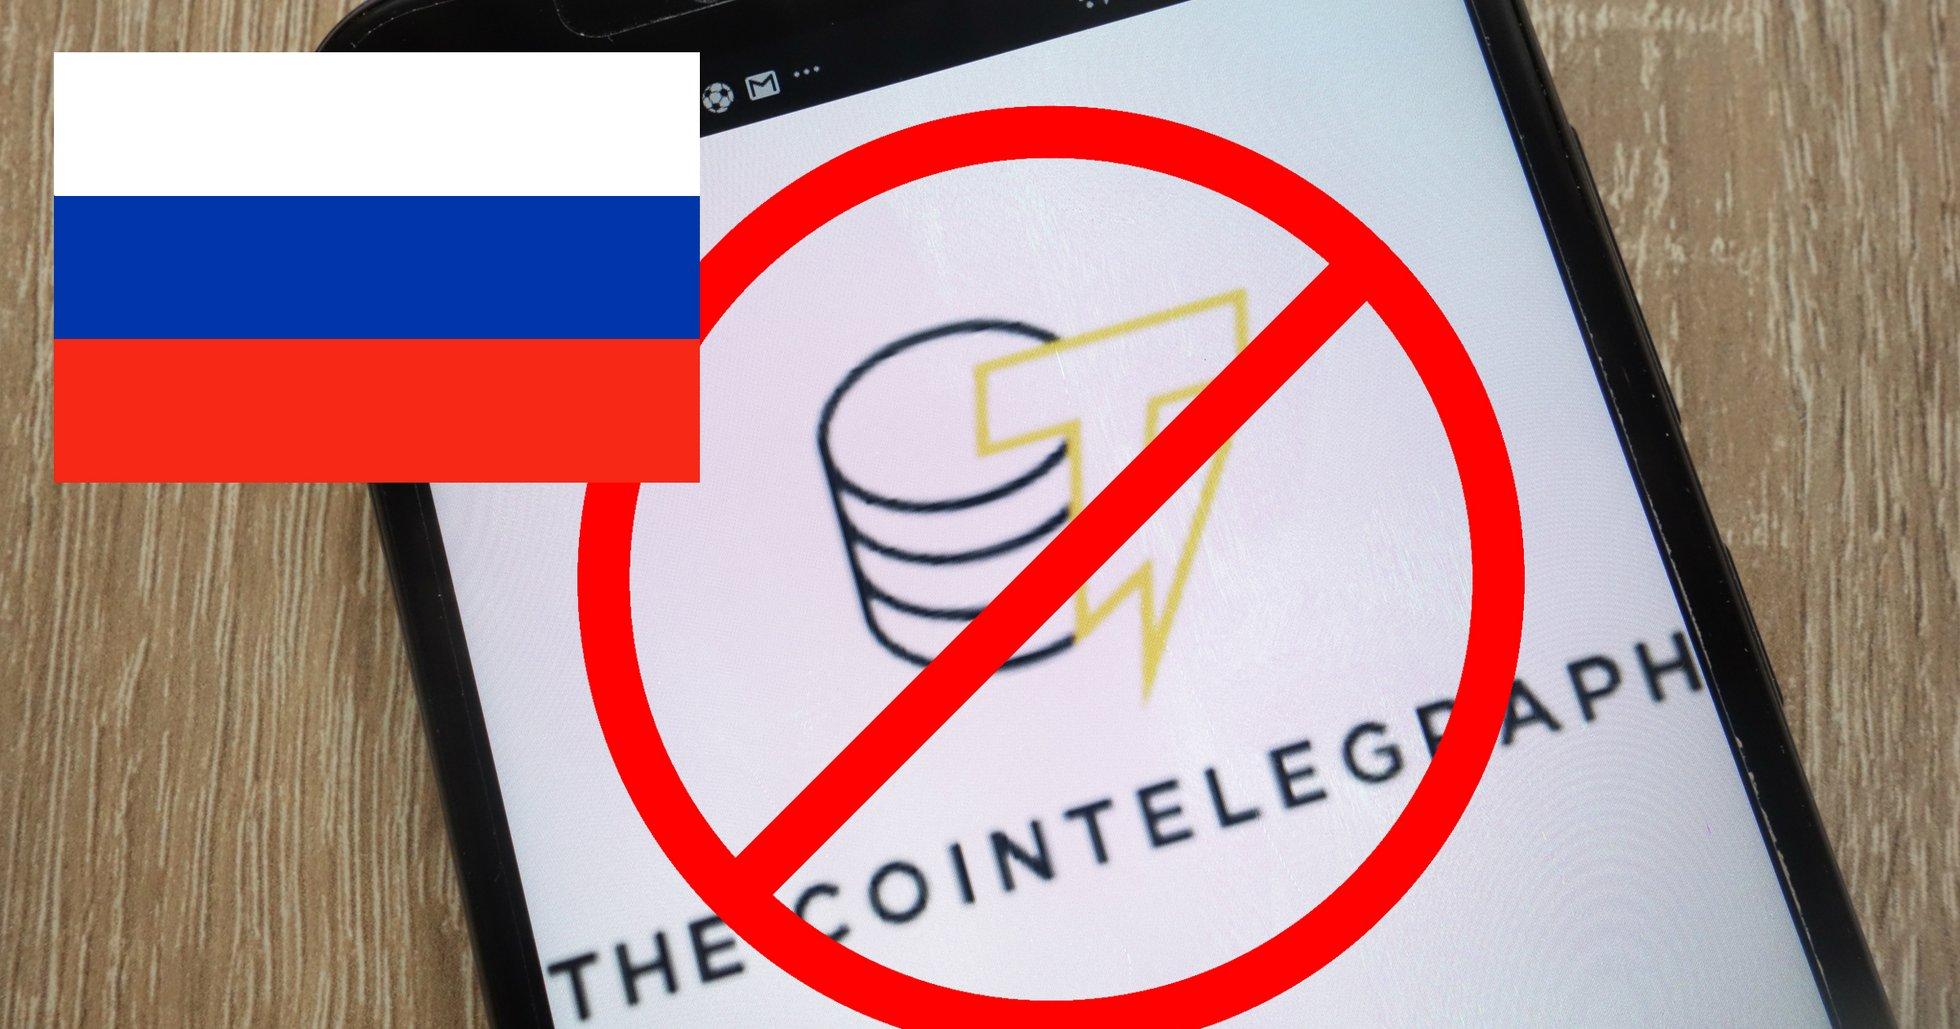 Kryptonyhetssajten Cointelegraph blockerad i Ryssland.